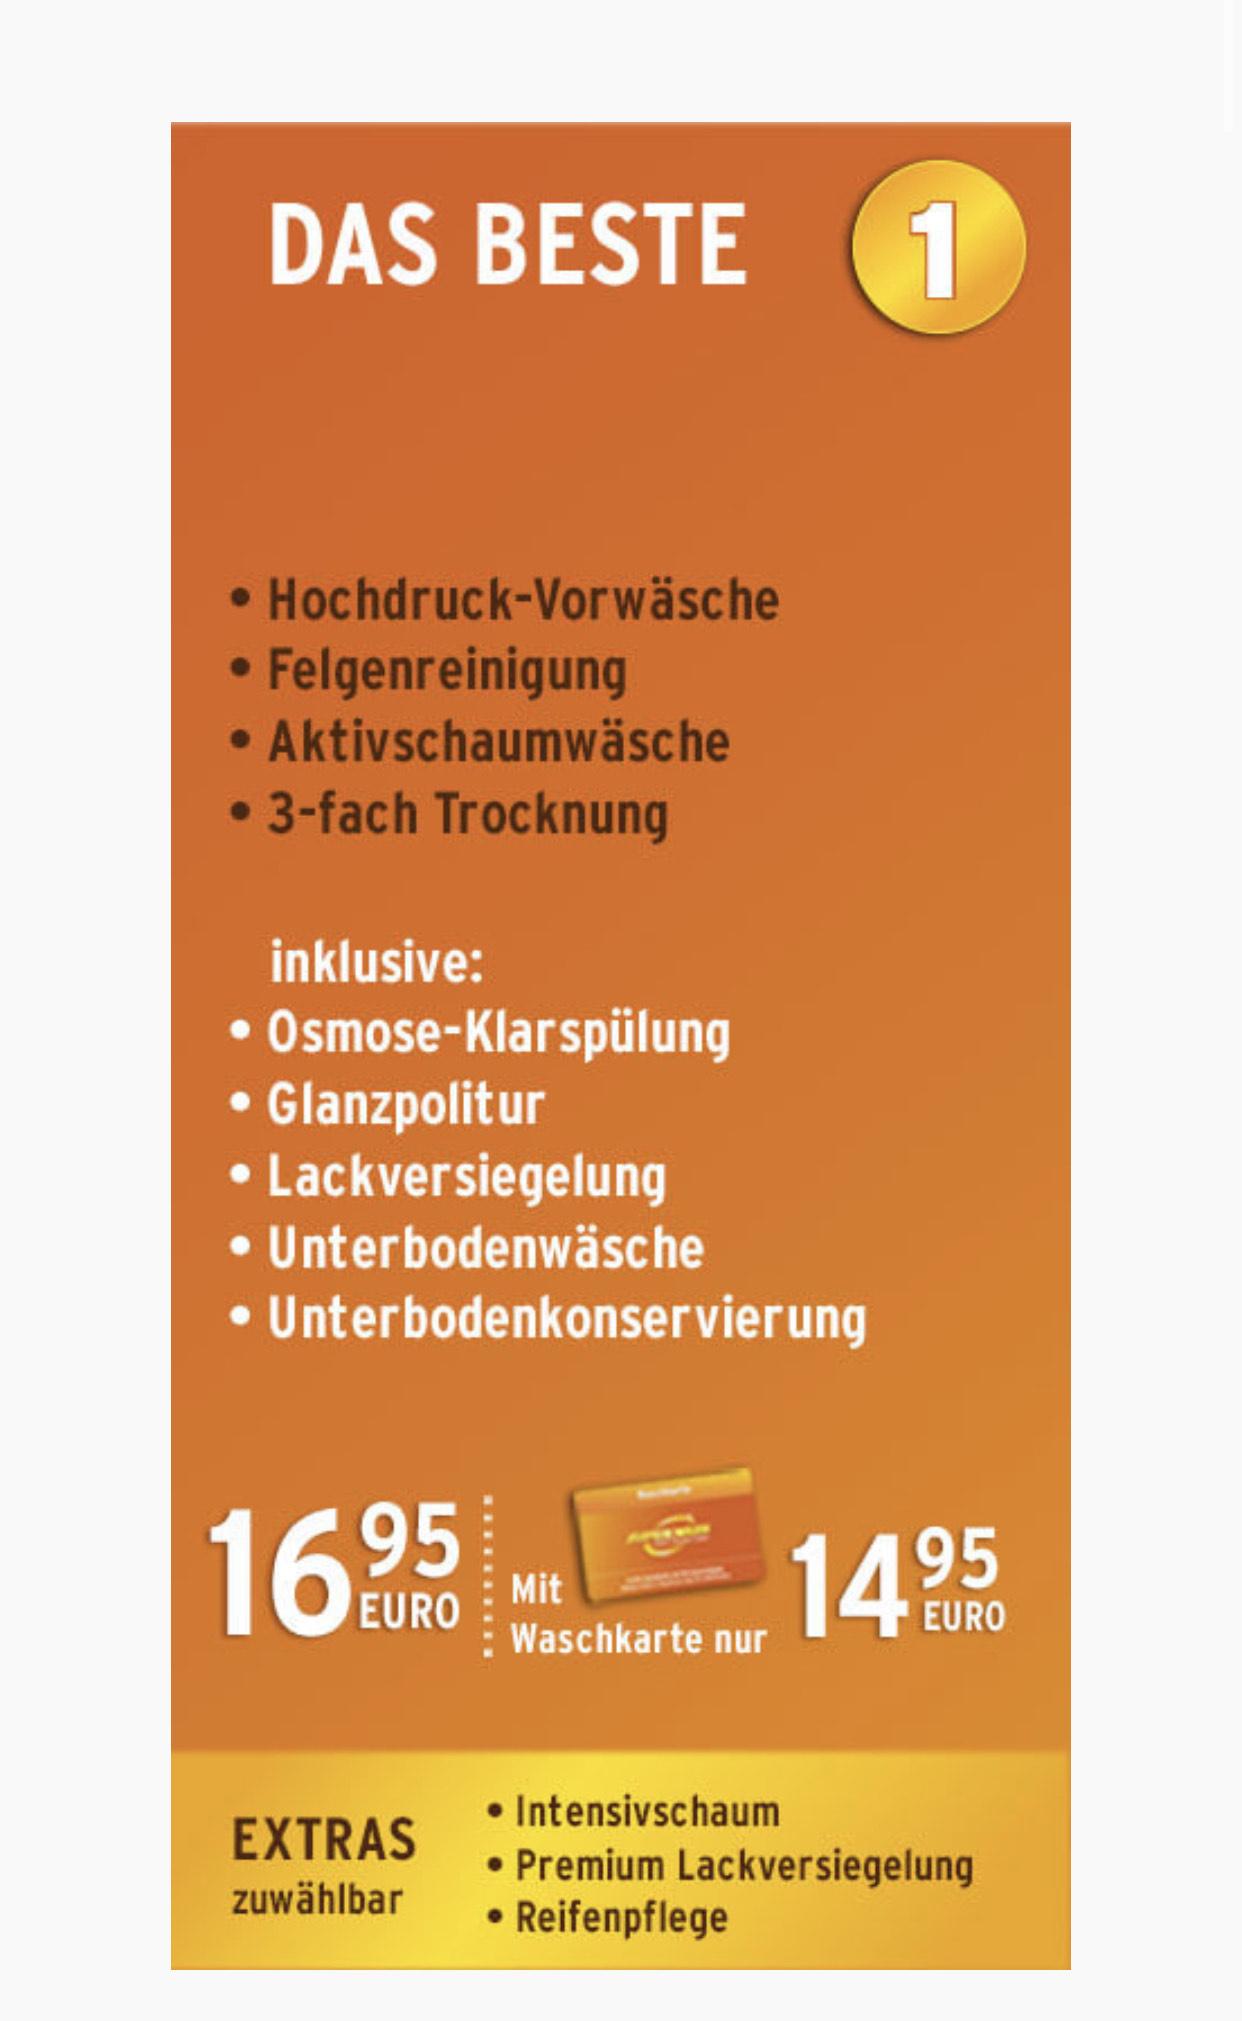 """[Nürnberg] Kostenlose Autowäsche """"Das Beste"""" im Wert von 16,95 € gegen Google Bewertung"""